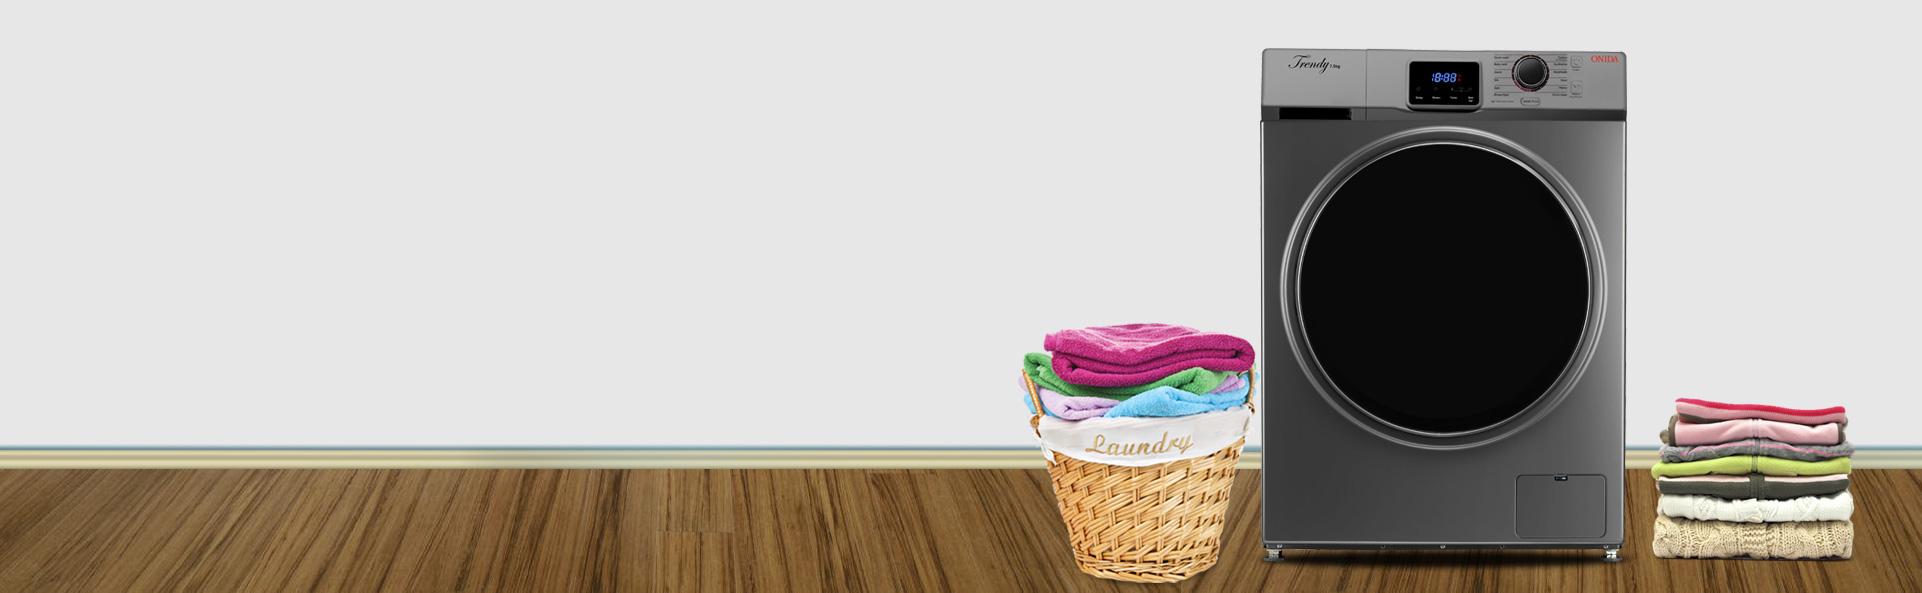 Máy giặt banner